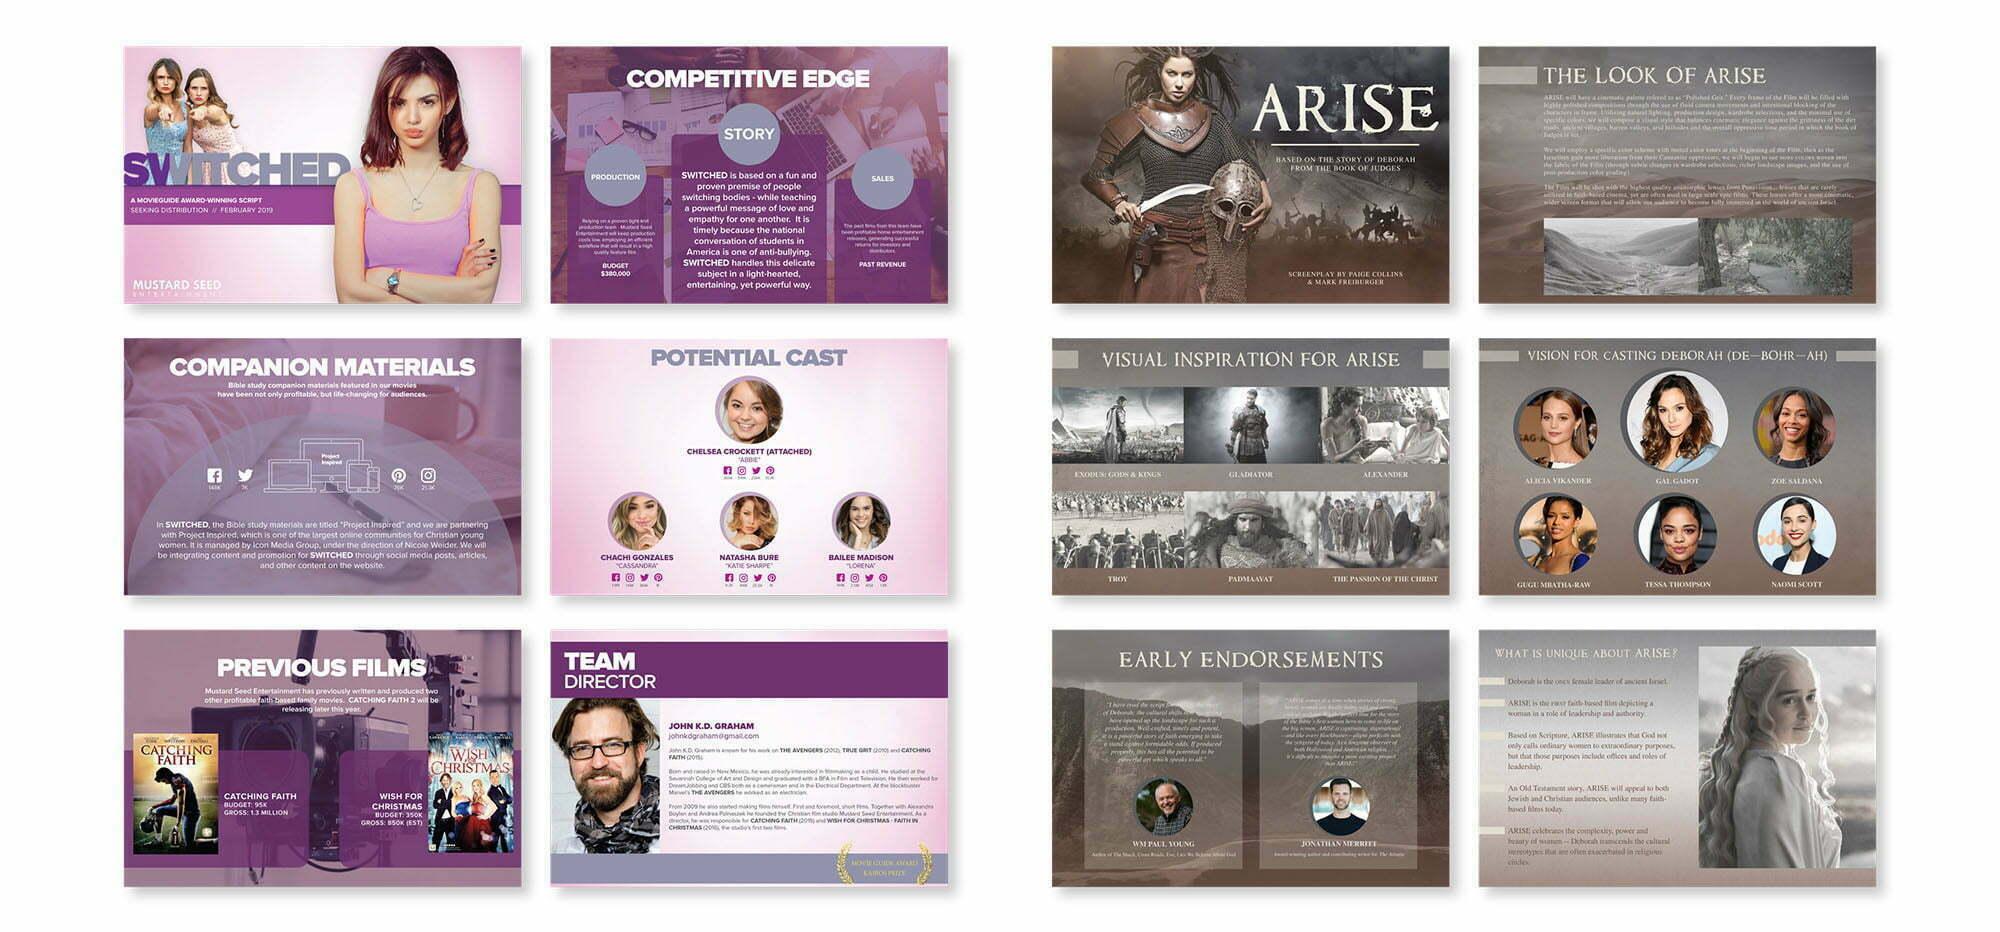 Epic Marketing - Graphic design